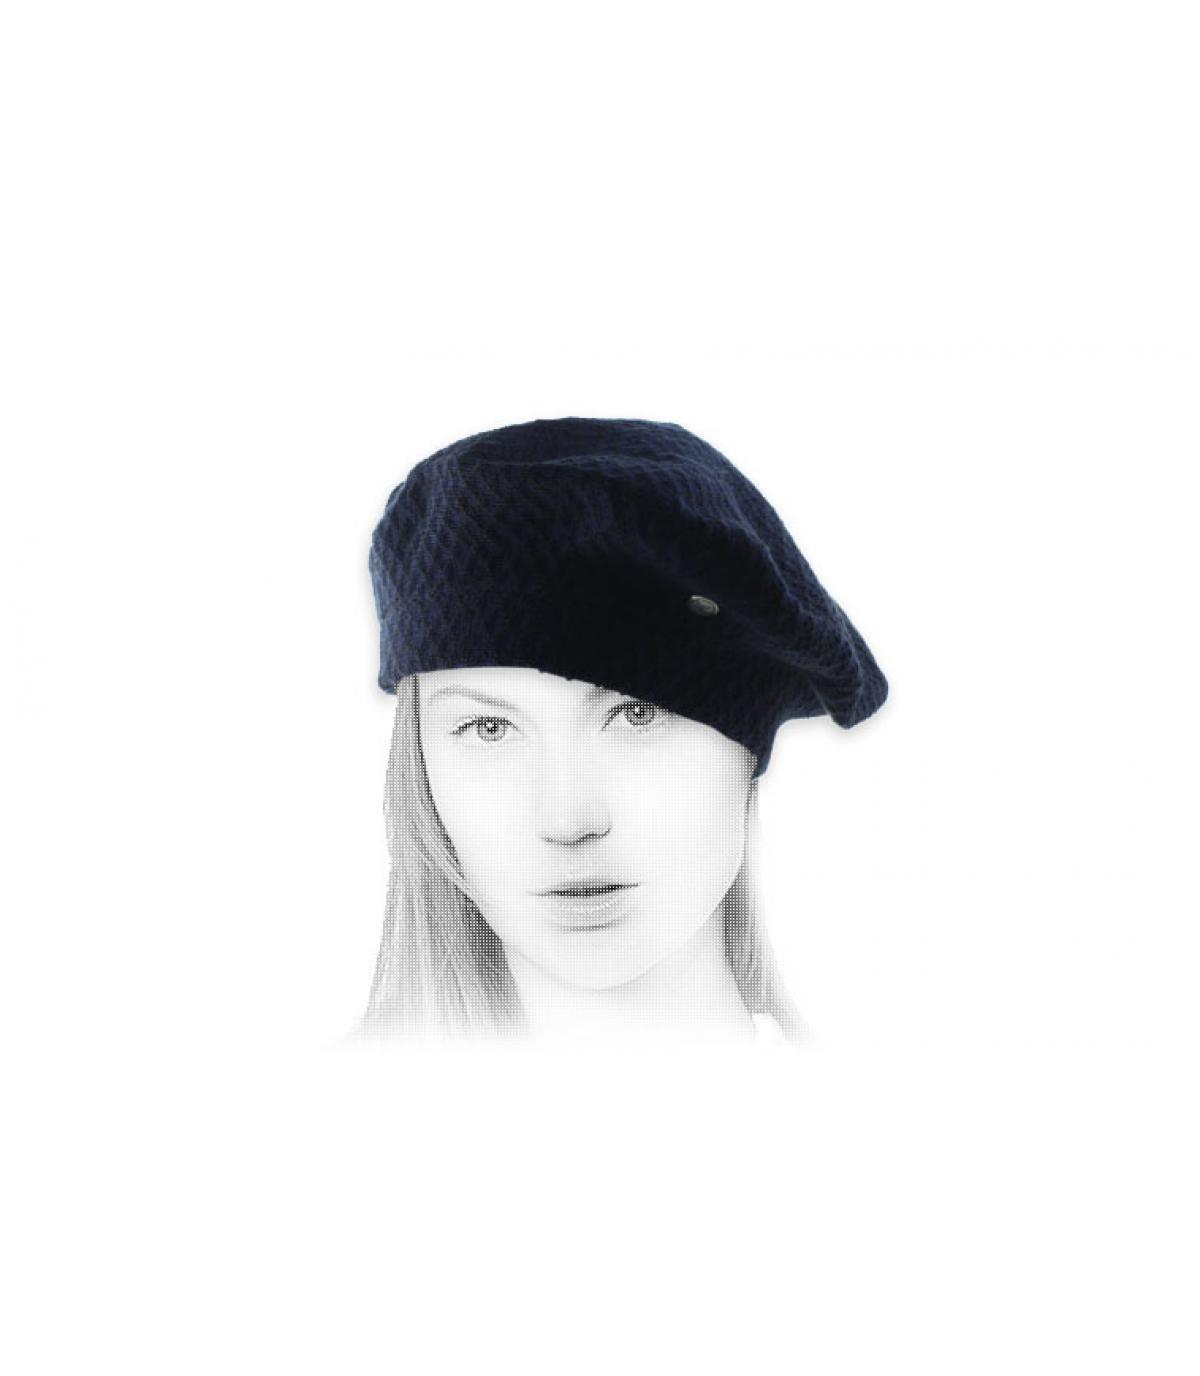 blue cotton beret Laulhère